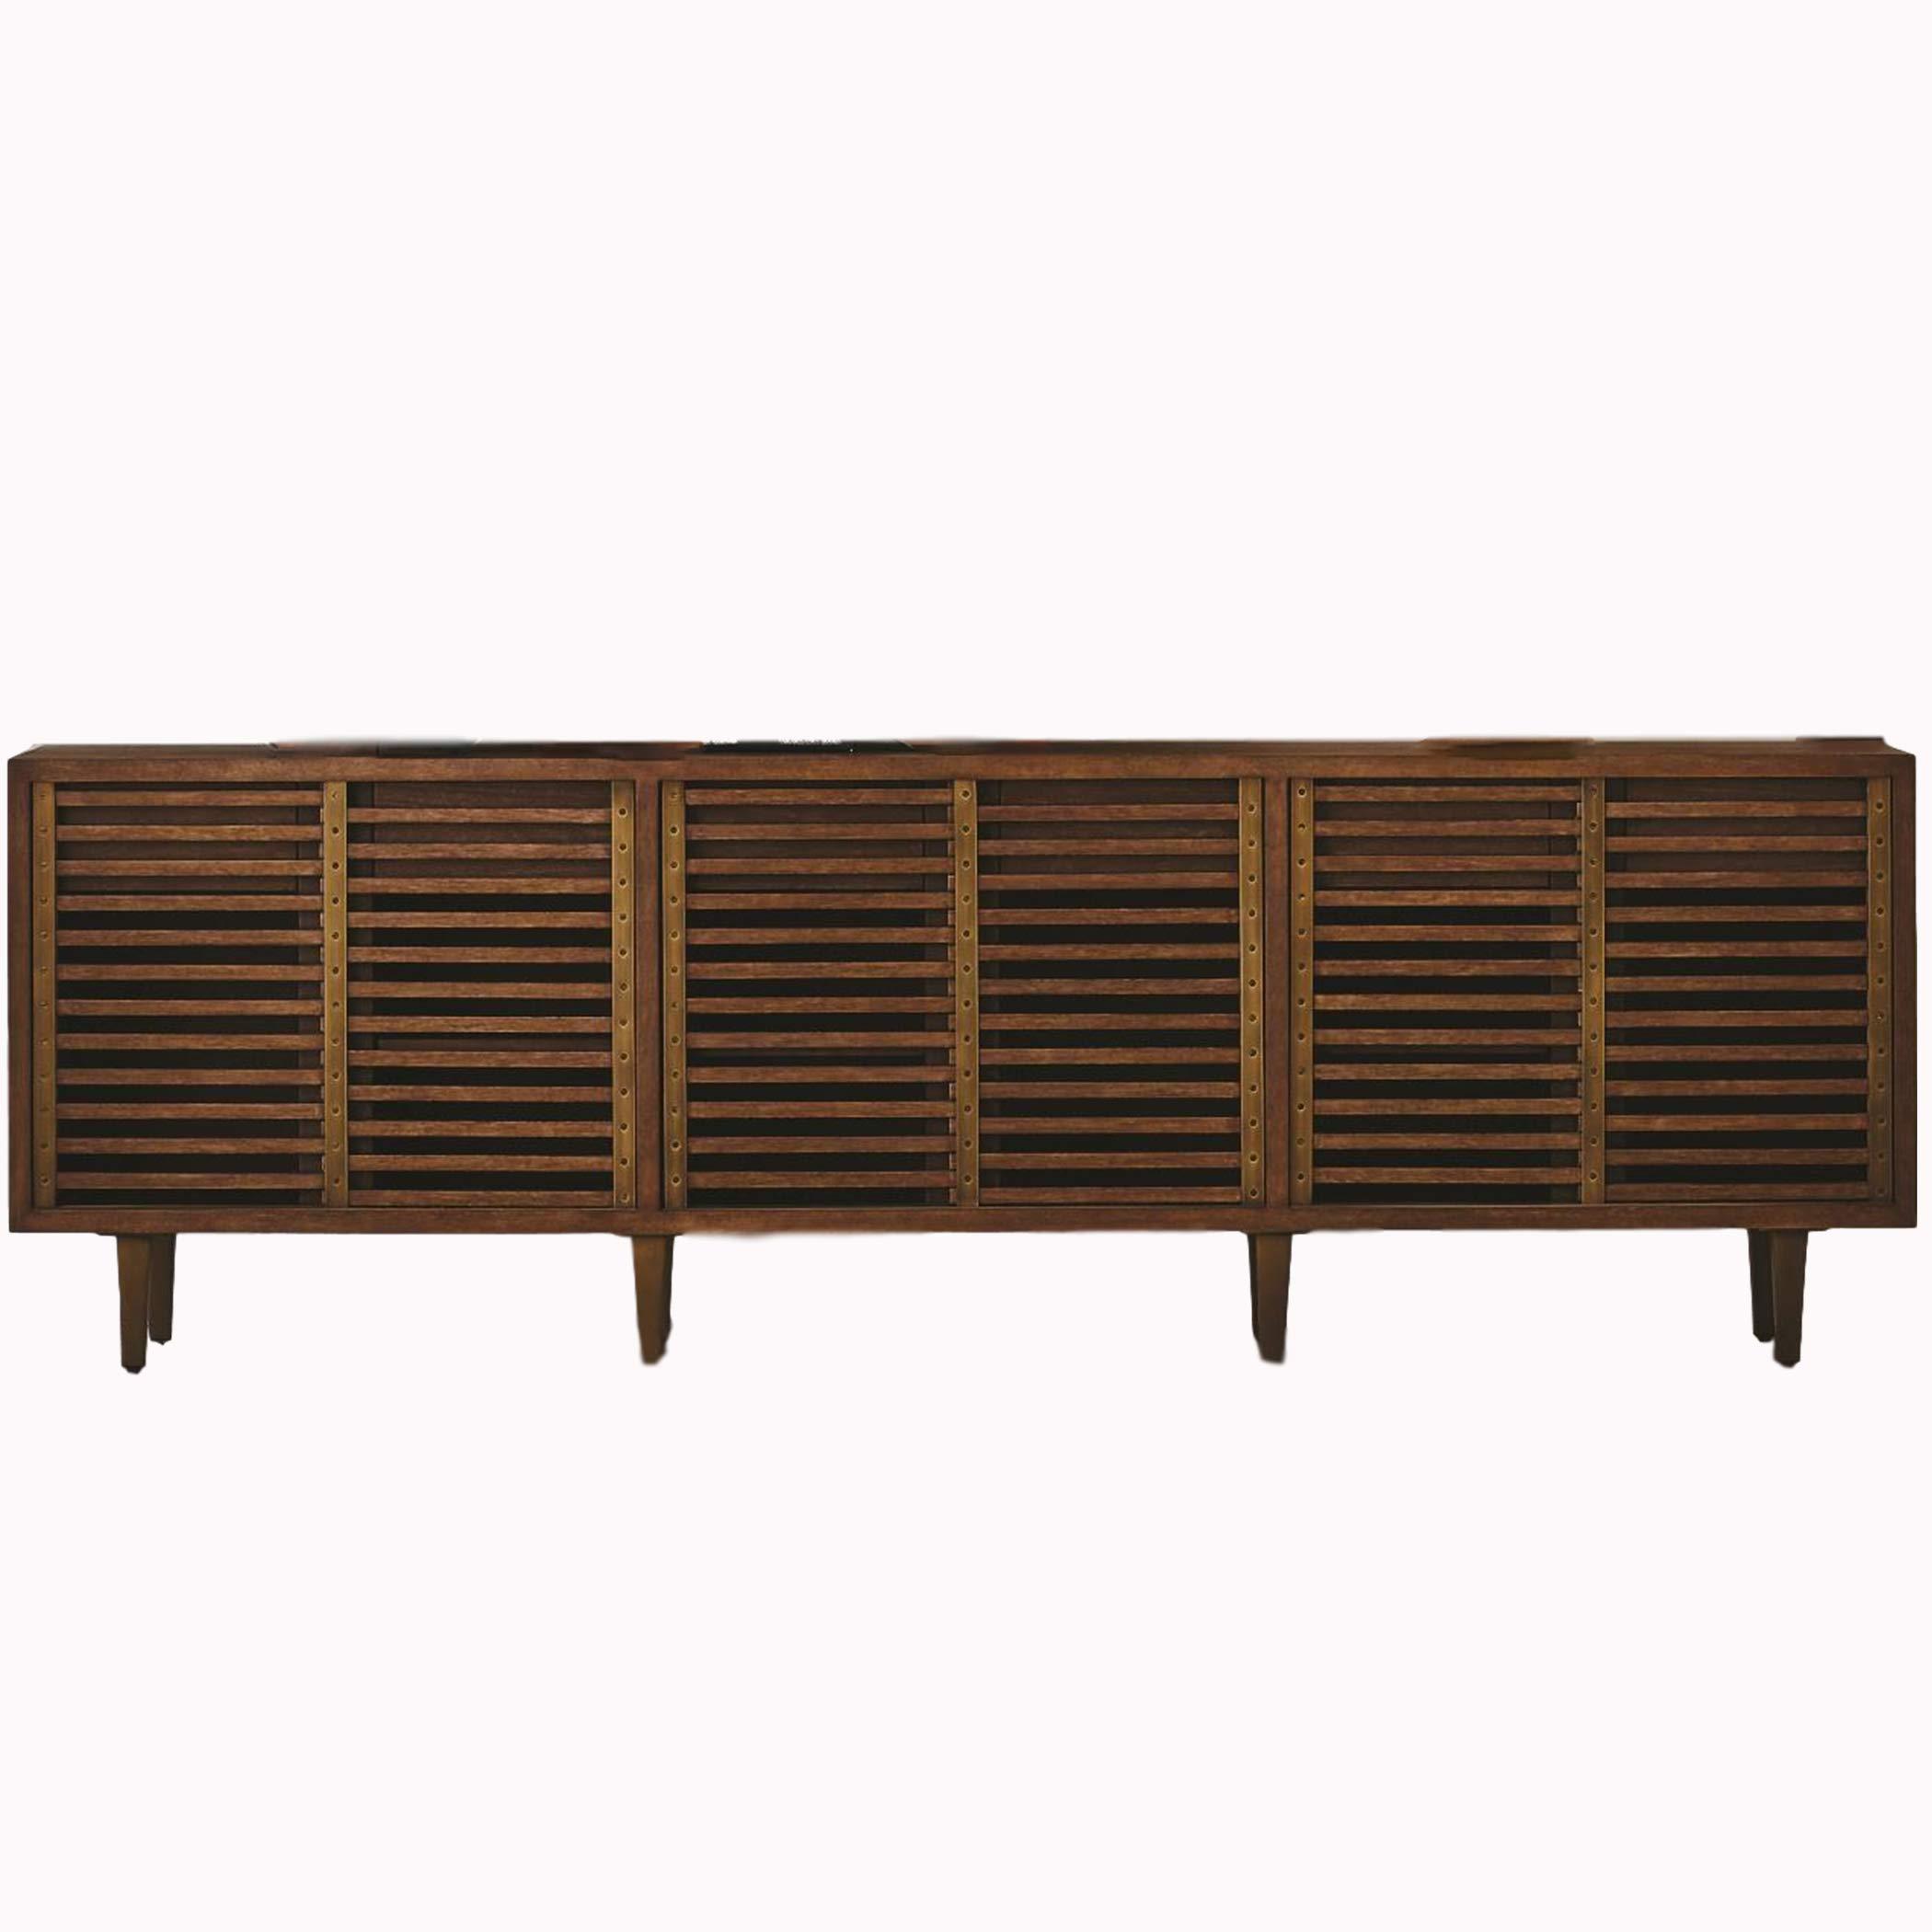 Global Views MidCentury Slat Front Sliding Door Media Cabinet Modern 86 in Wood Vintage Style by Global Views